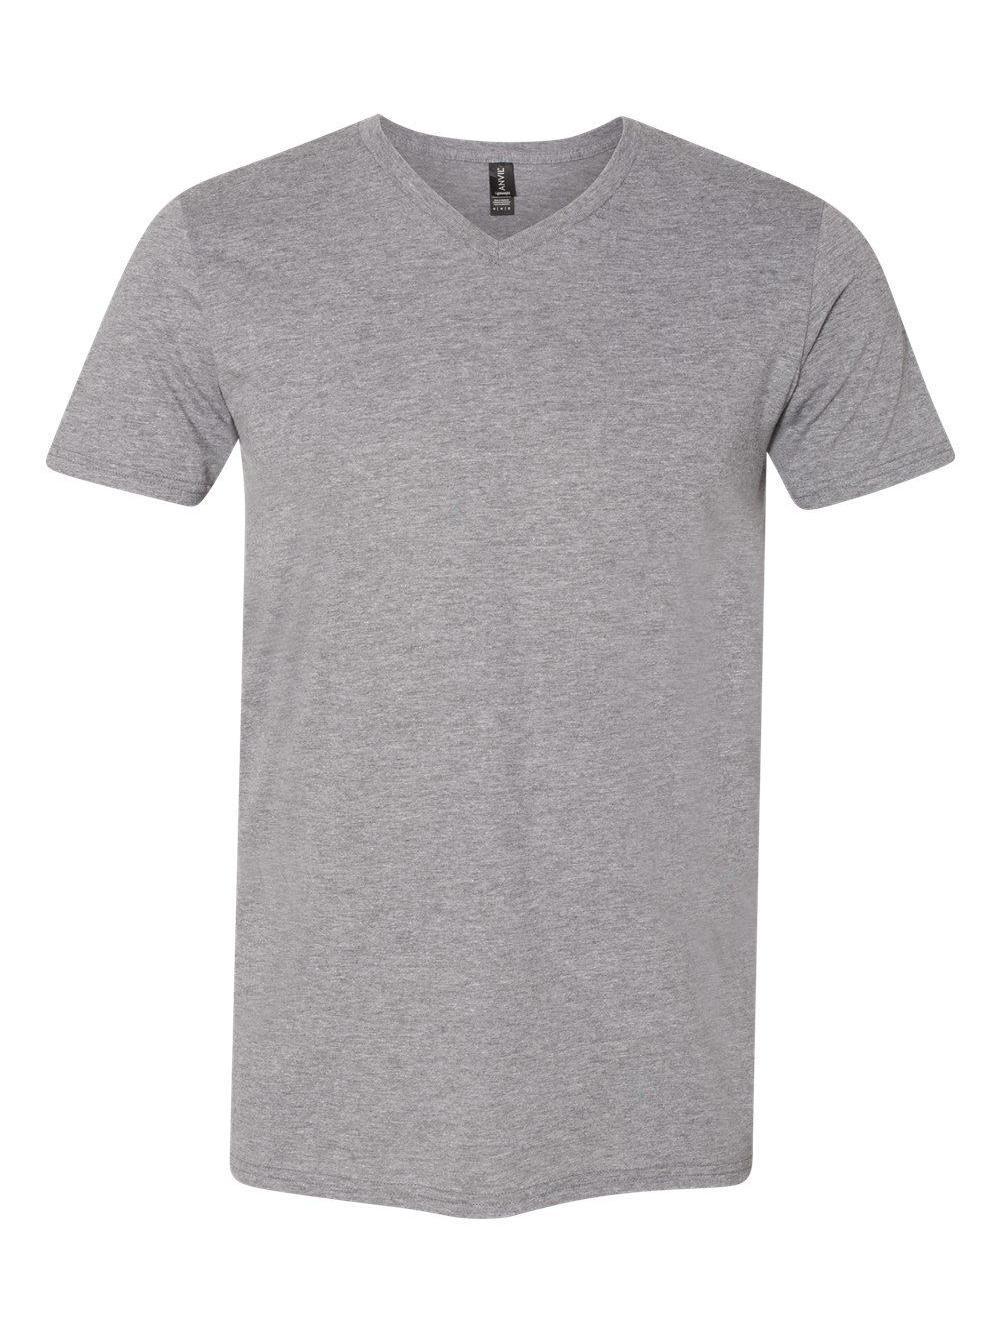 Anvil-Lightweight-Ringspun-V-Neck-T-Shirt-982 thumbnail 9